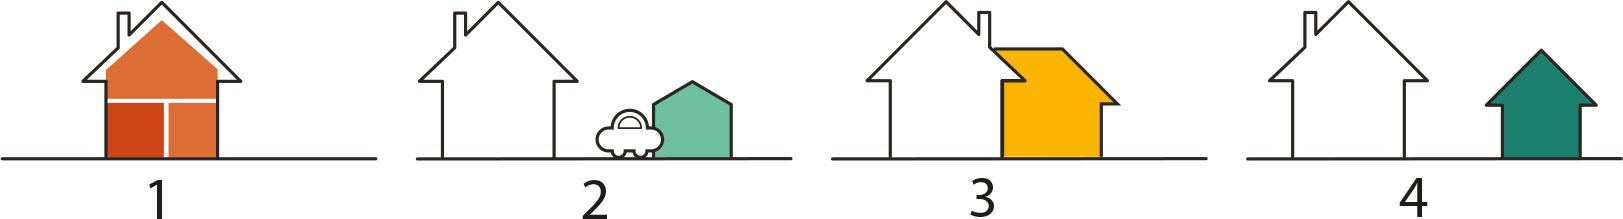 Fyra utvecklingsprinciper  1. Befintliga hus delas upp i flera bostäder 2. Befintliga gårdshus (t ex garage) byggs om till bostäder 3. Fler bostäder skapas genom tillbyggnader 4. Nya bostadshus byggs på tomten